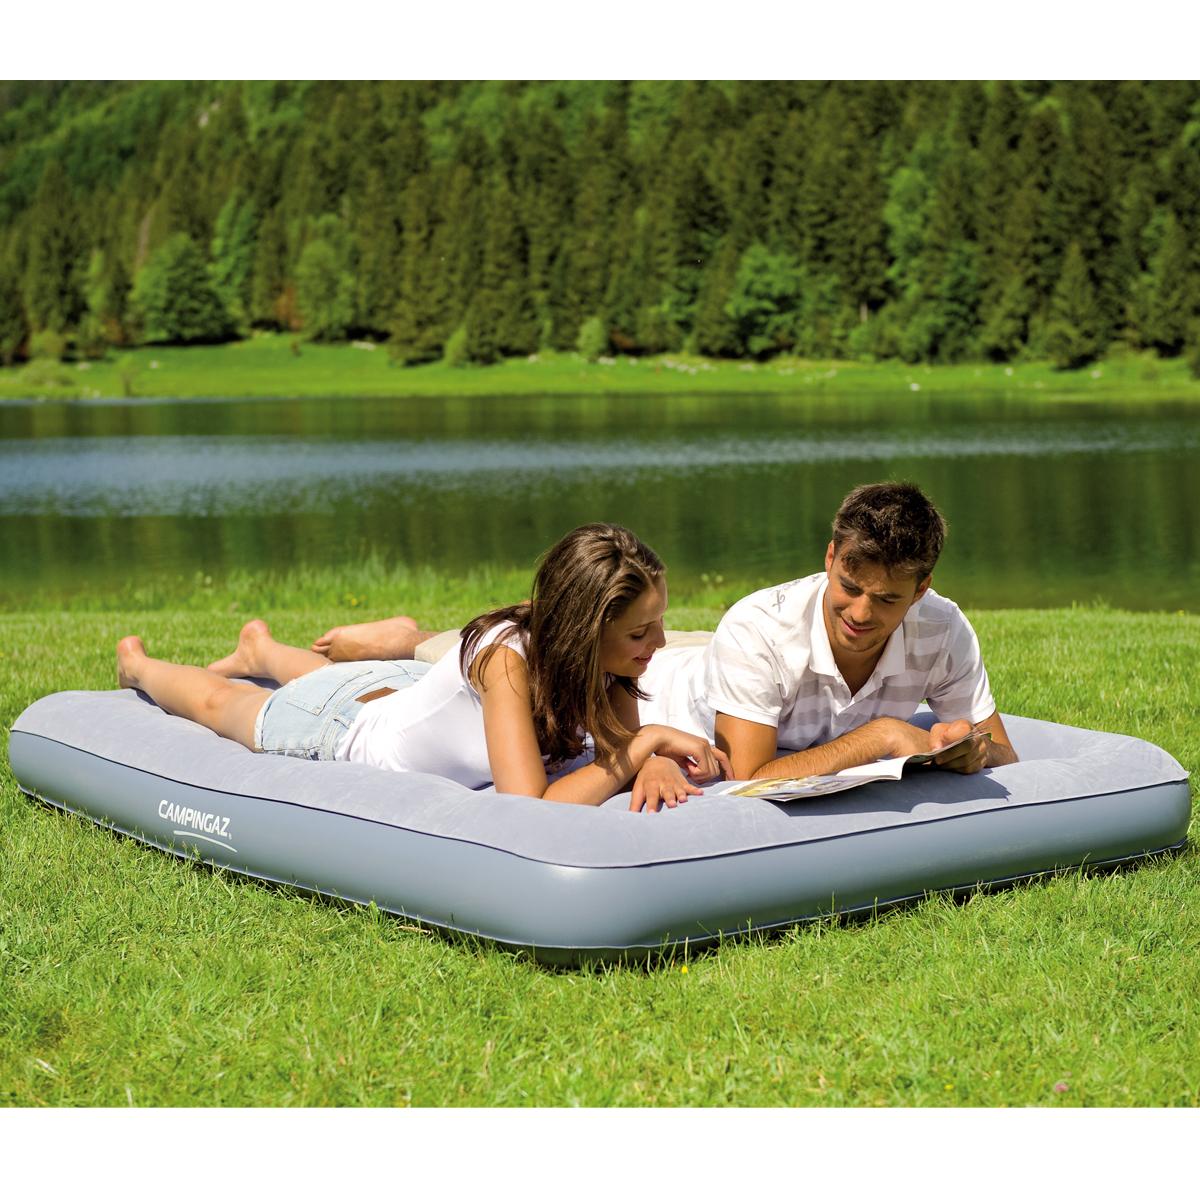 luftmatratze luftbett g stebett reisebett camping bett doppel luftmatratze 137cm ebay. Black Bedroom Furniture Sets. Home Design Ideas